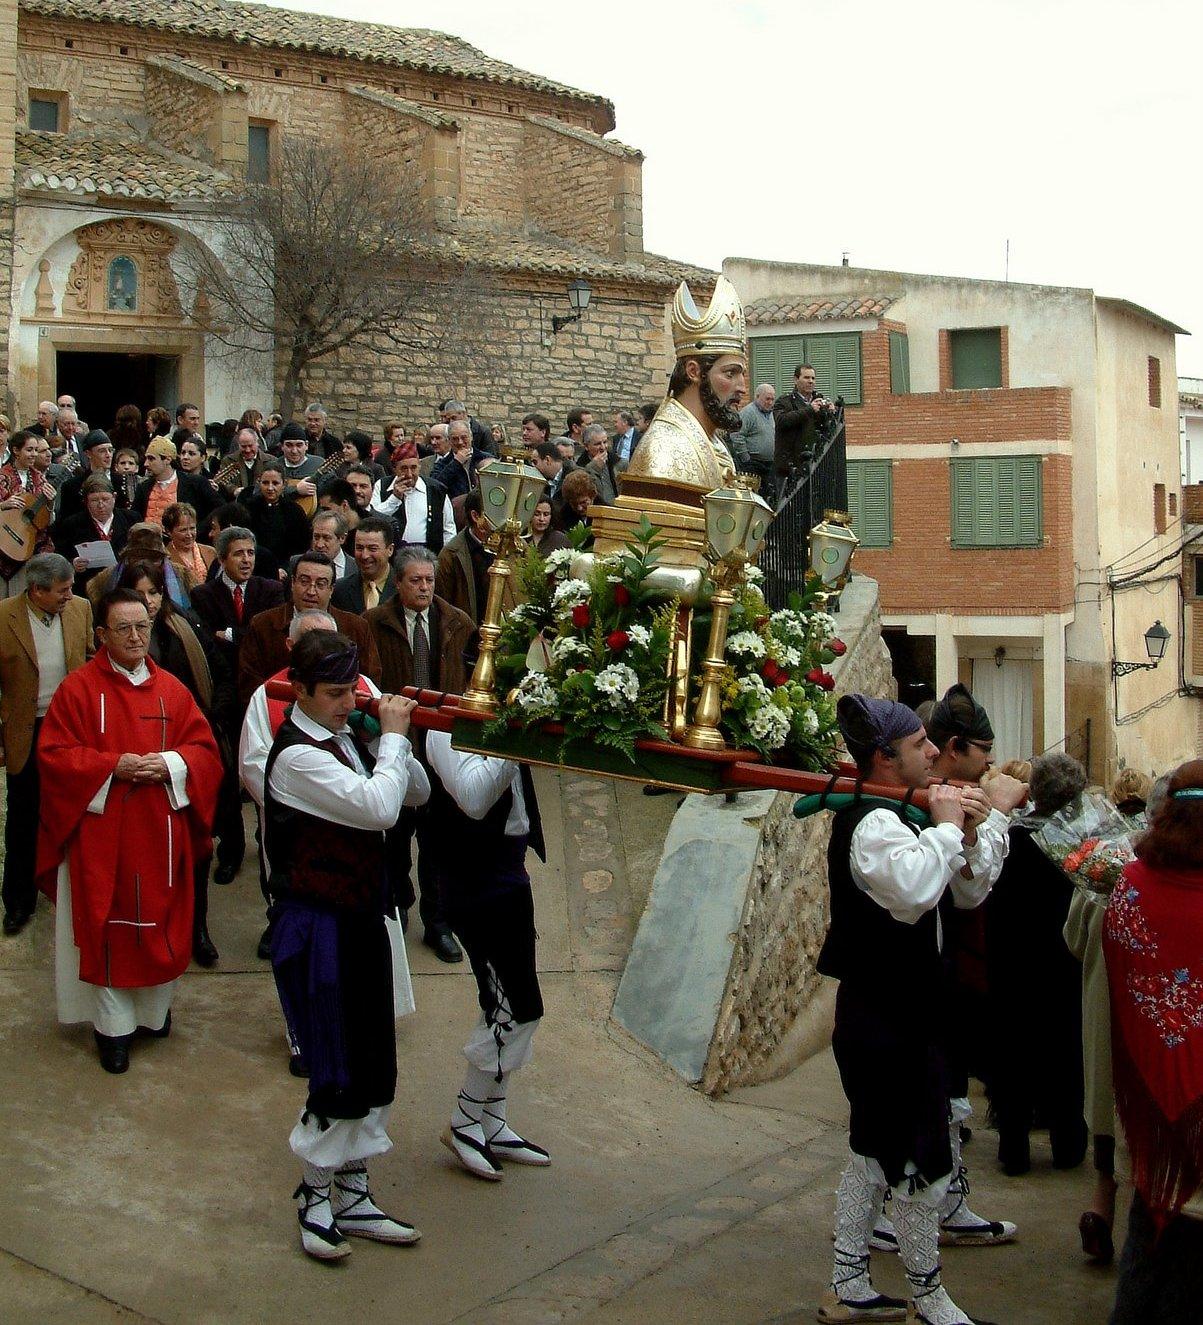 Salida de la procesión de la plaza de la Iglesia, año 2009 >> pincha para verla en la galería.